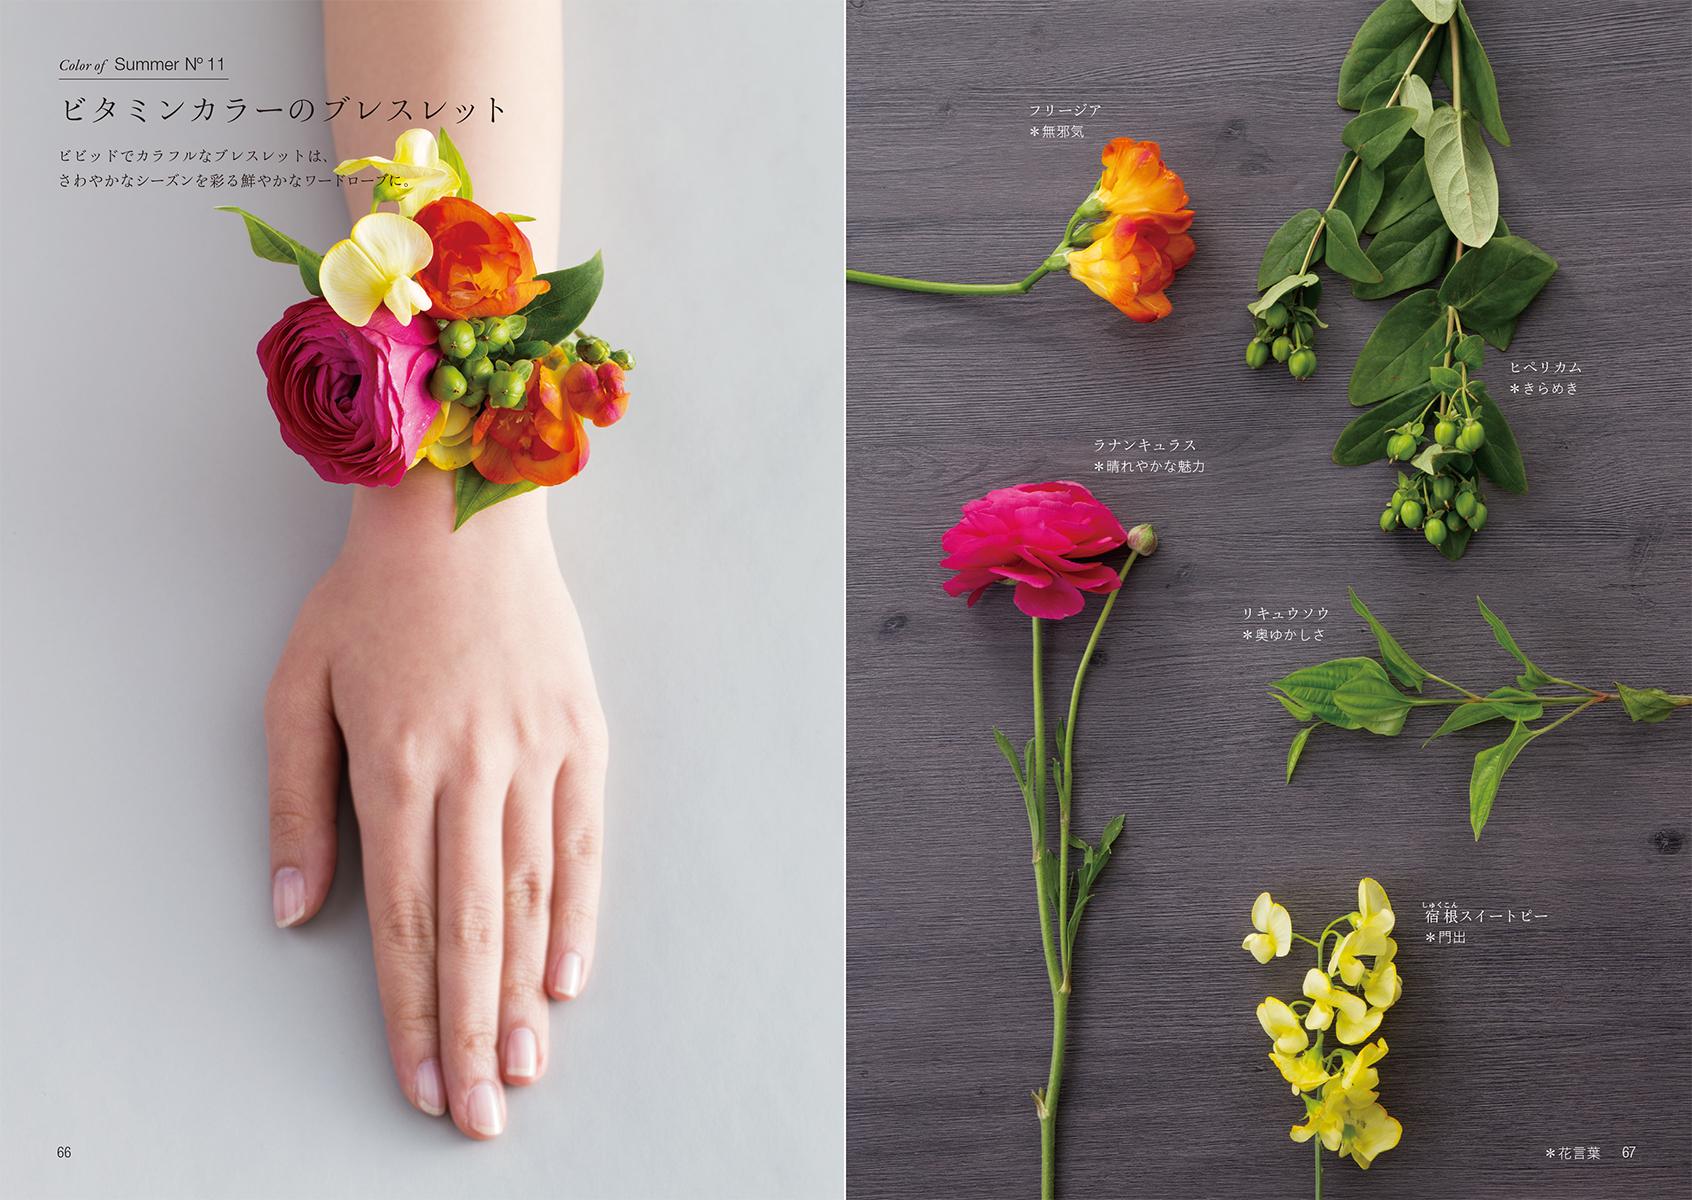 【送料無料】『小さな花飾りの本』 [書籍] - 画像2